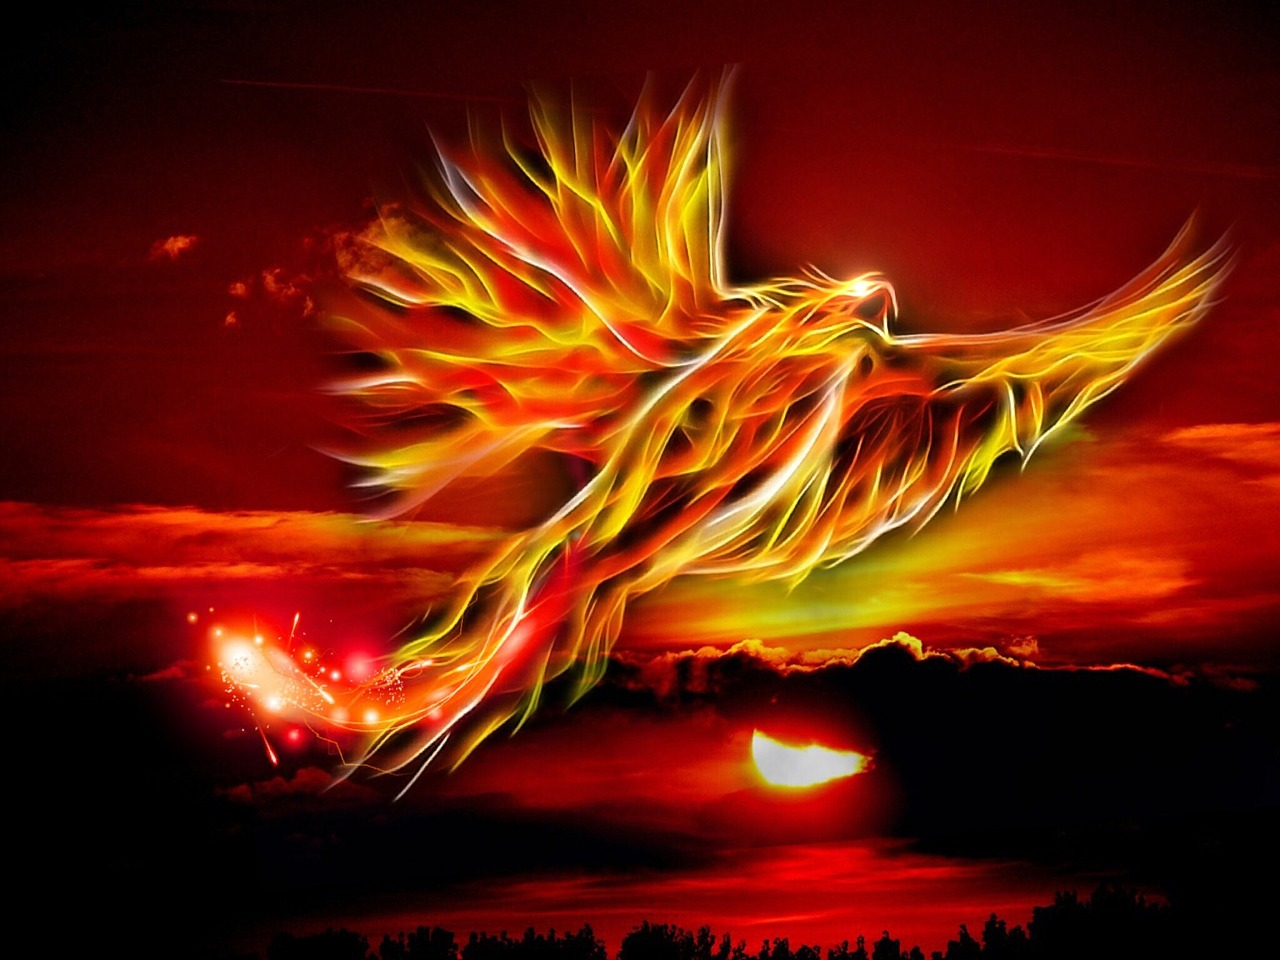 phoenix-500469_1280.jpg